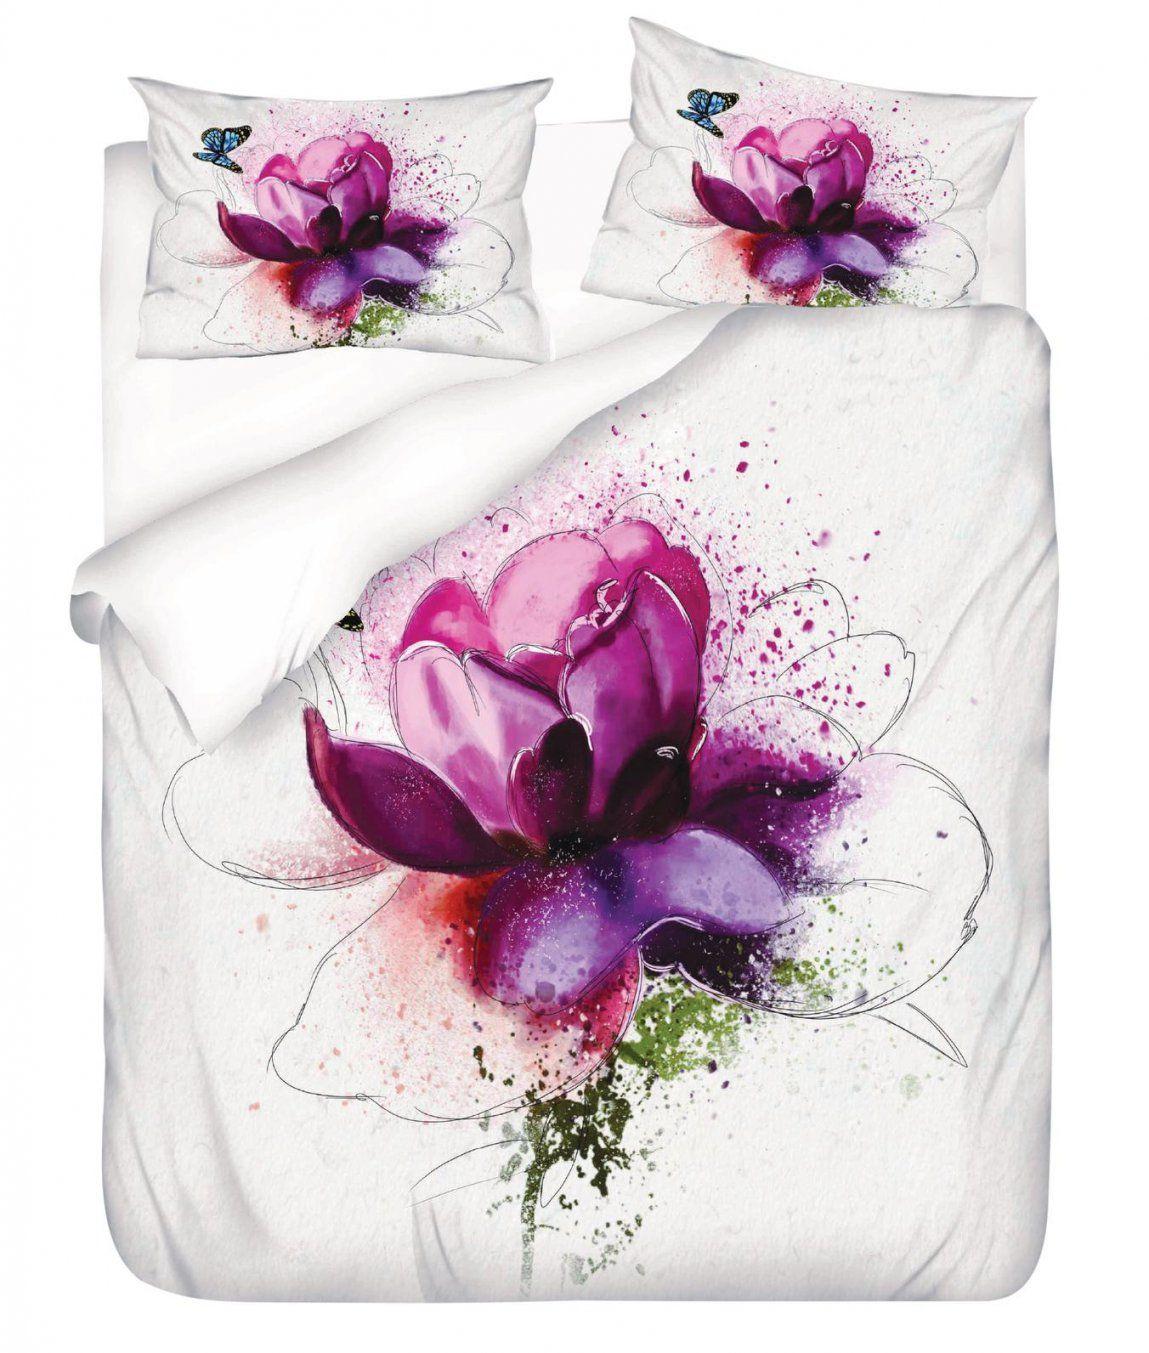 Satinbettgarnitur Kalliopi Kaufen  Angela Bruderer Onlineshop von Bettwäsche Mit Orchideen Motiv Bild